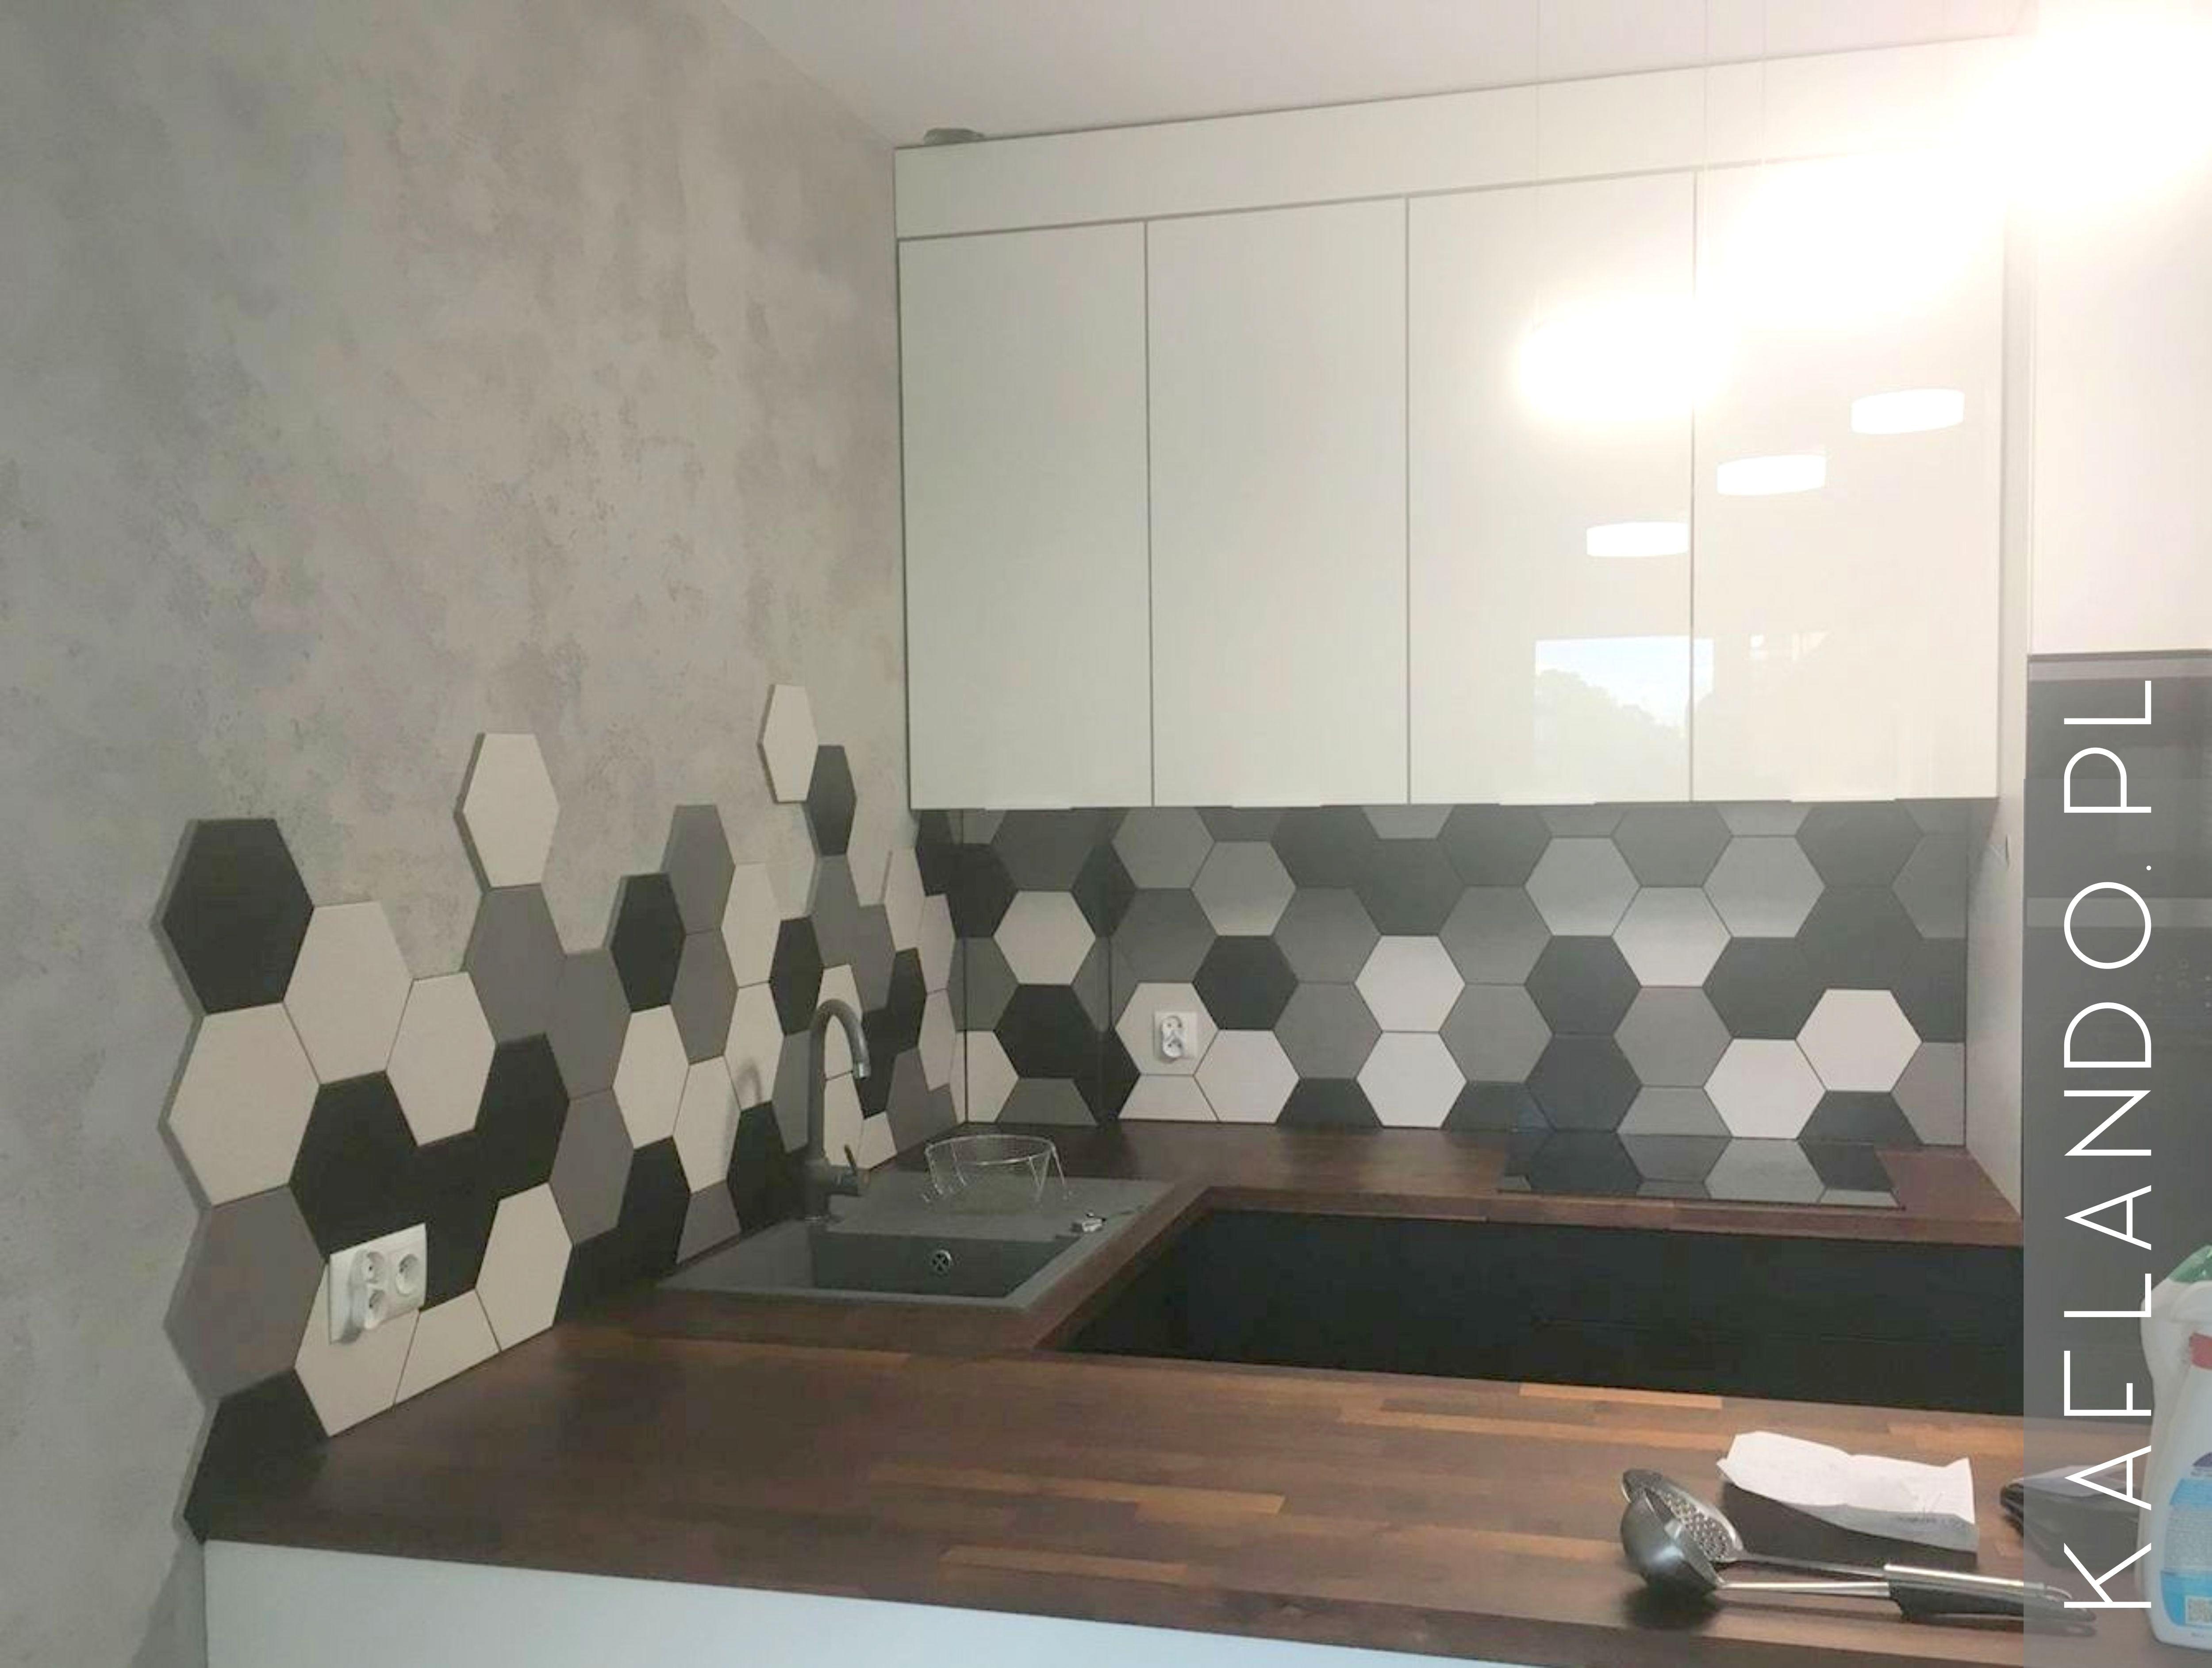 Płytki Heksagonalne Mix Toscana 123 25x28 Monocolory